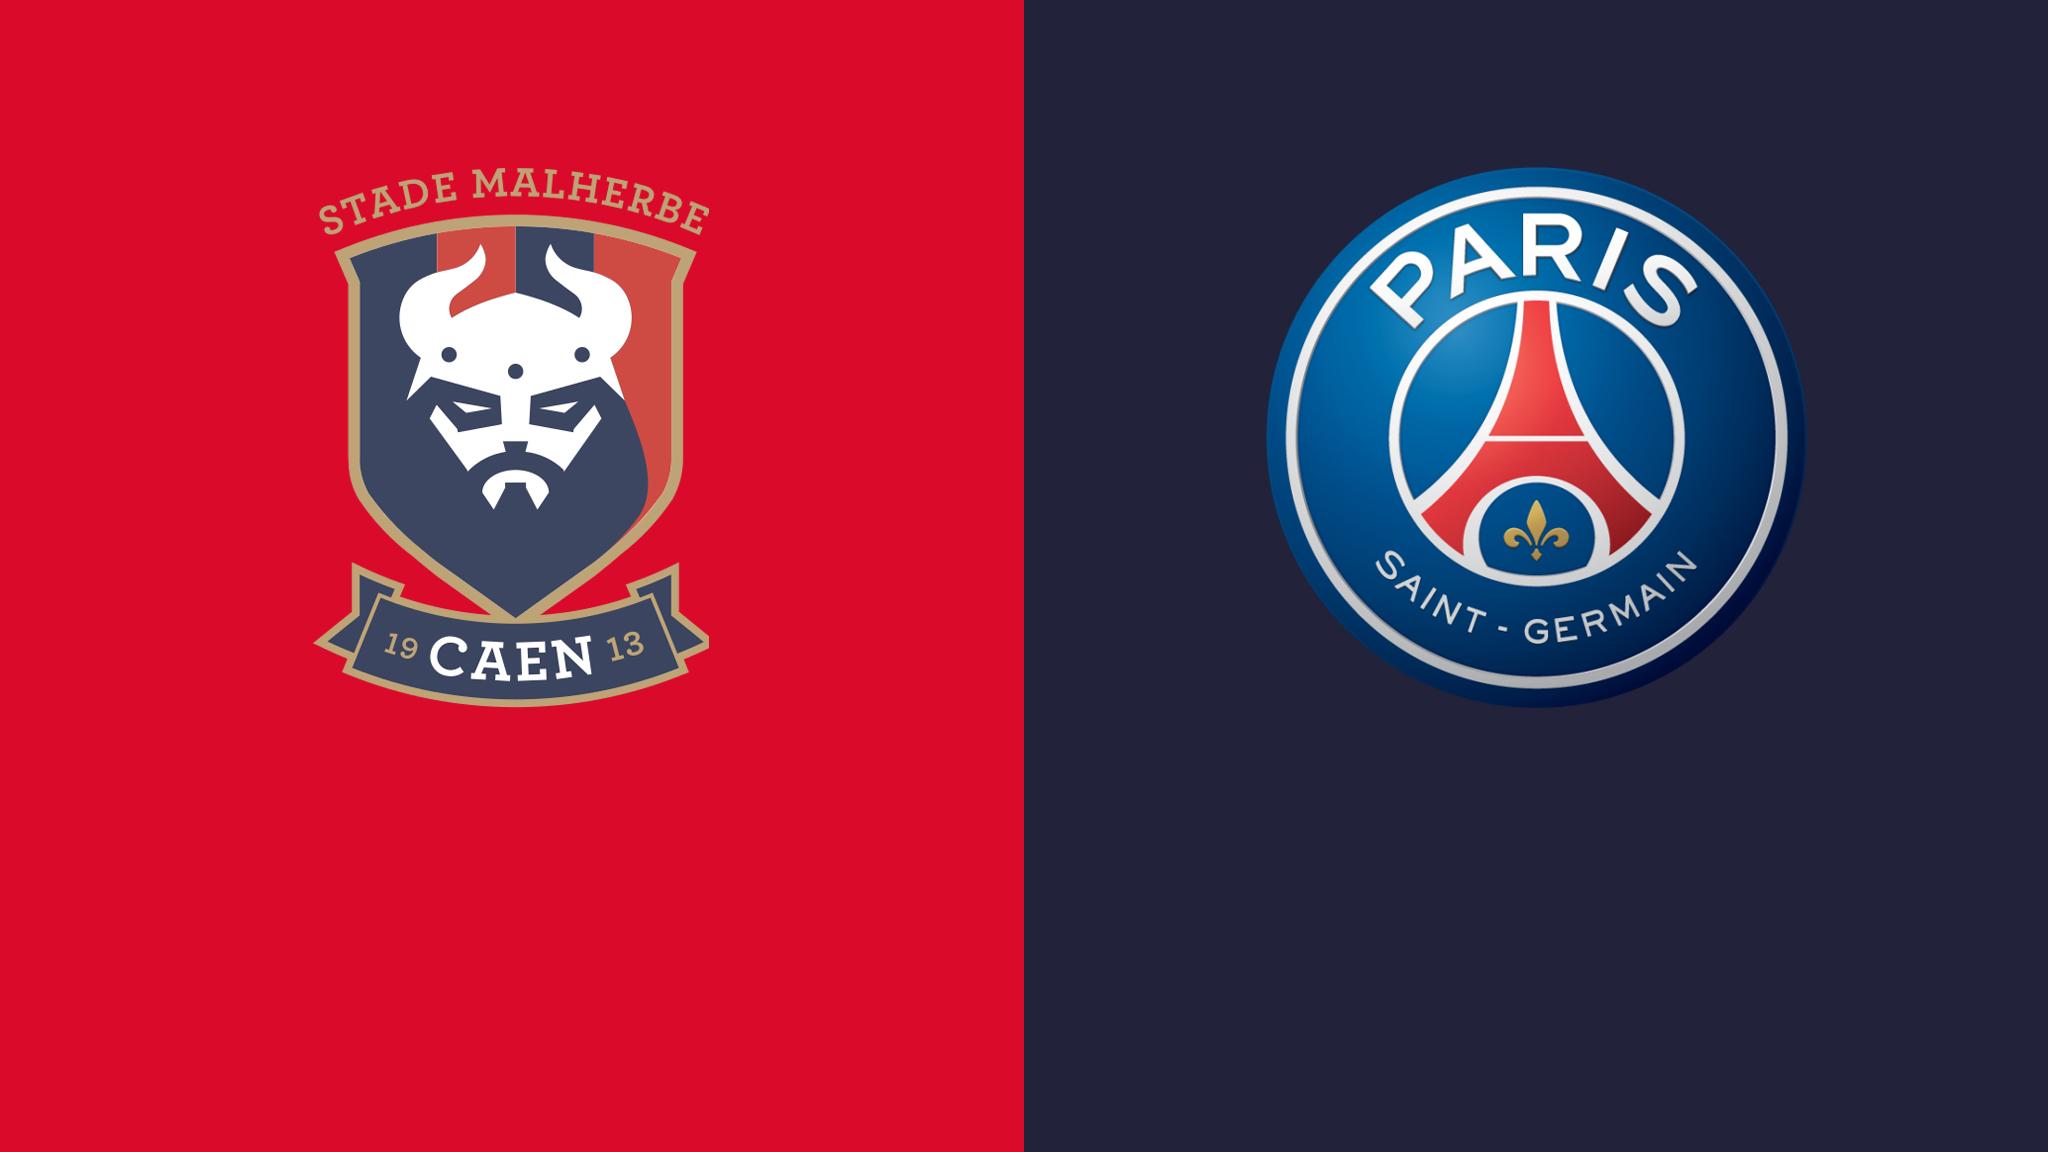 Caen vs PSG